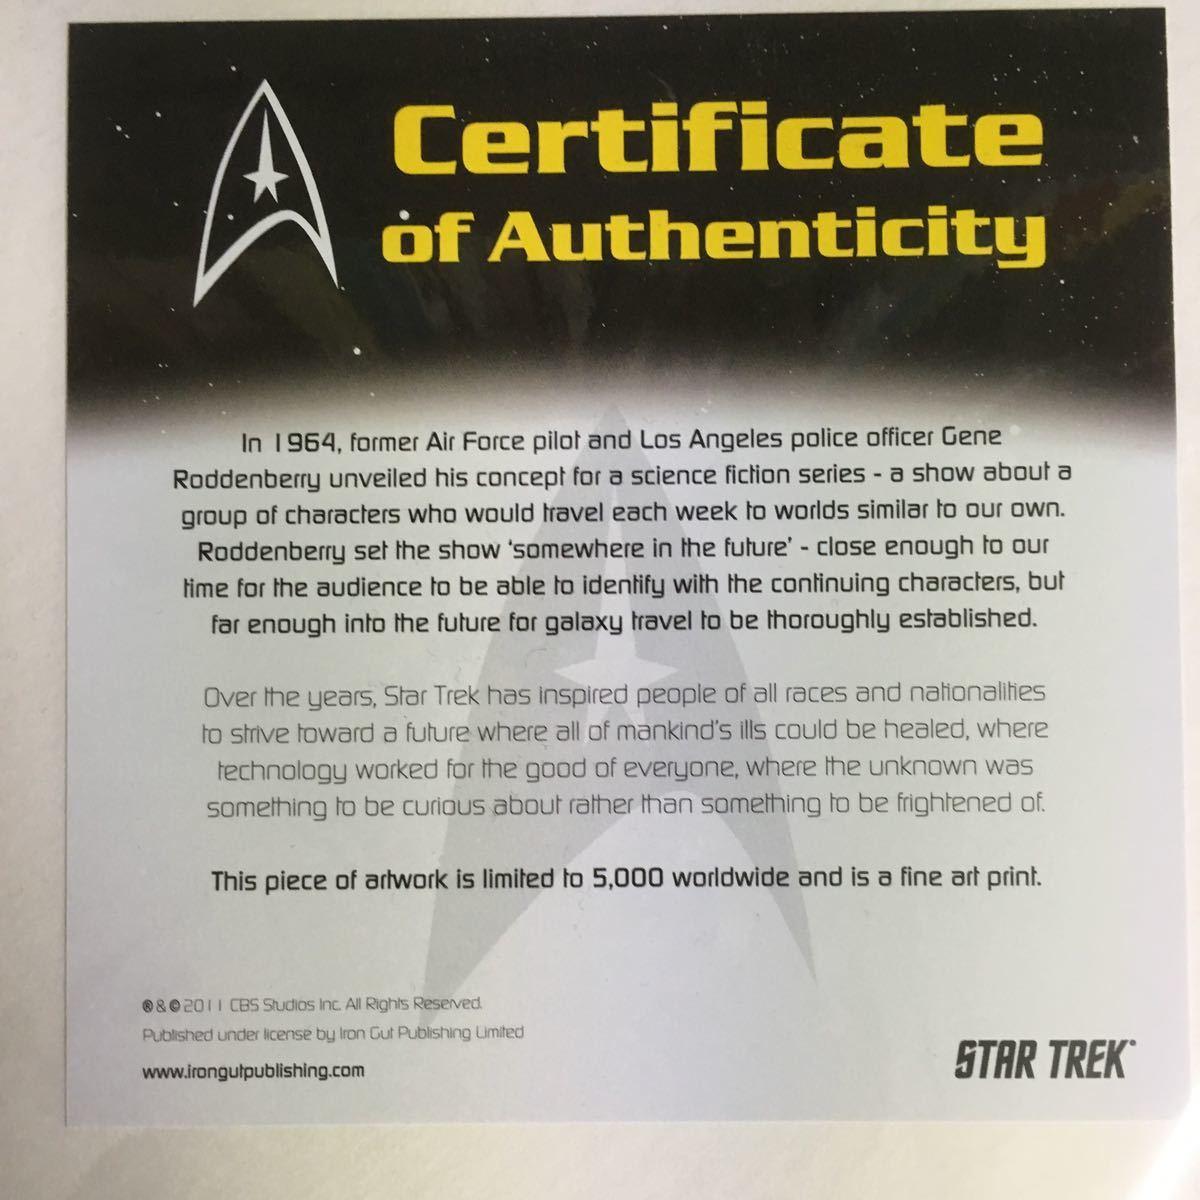 スタートレックファインアートプリントNX-01新品、証明書付き。限定5000._画像2